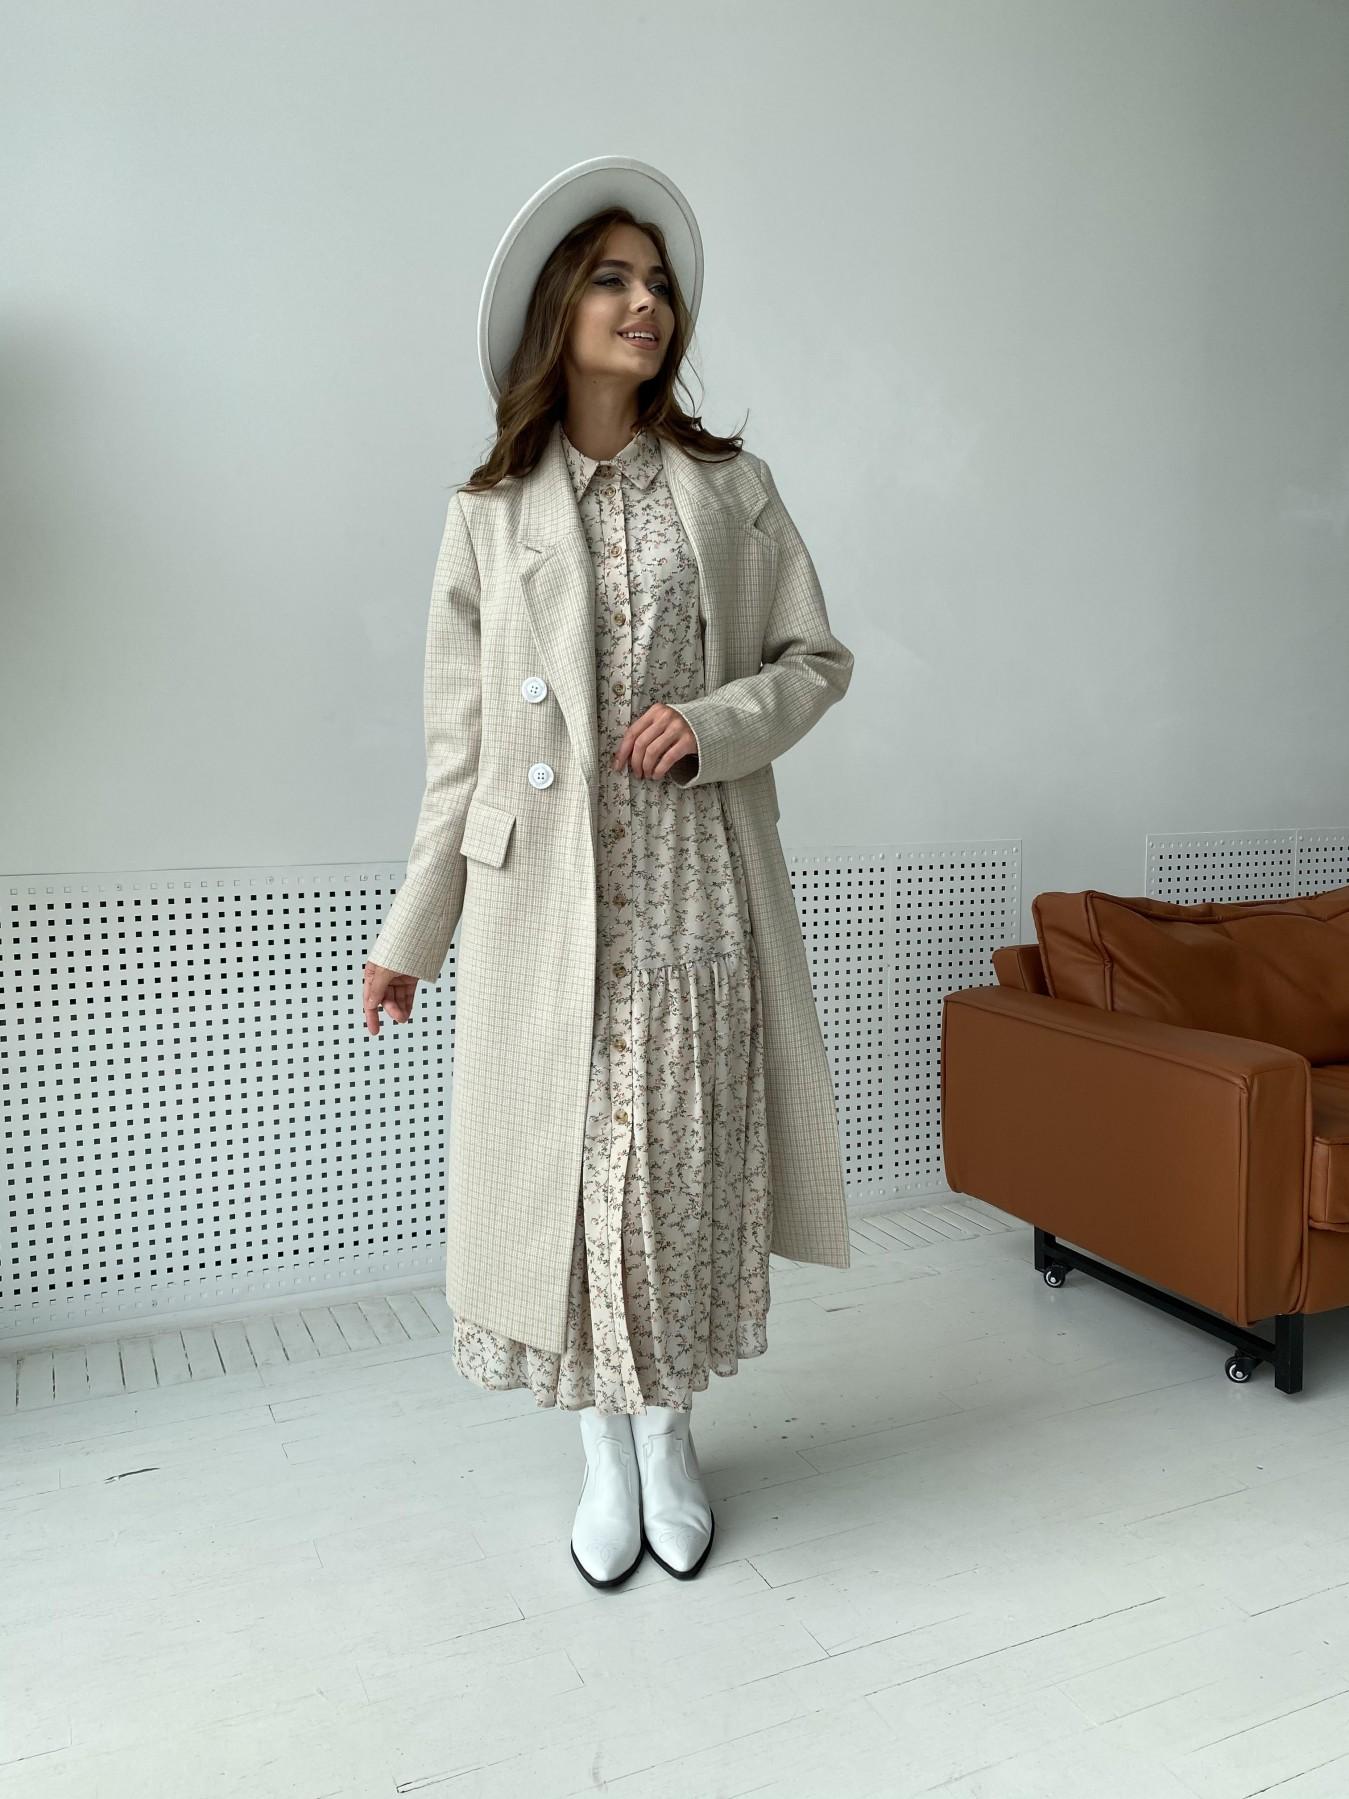 Статус пальто из тонкого кашемира в клетку 11780 АРТ. 48520 Цвет: Бежевый/молоко/КлетМел - фото 3, интернет магазин tm-modus.ru